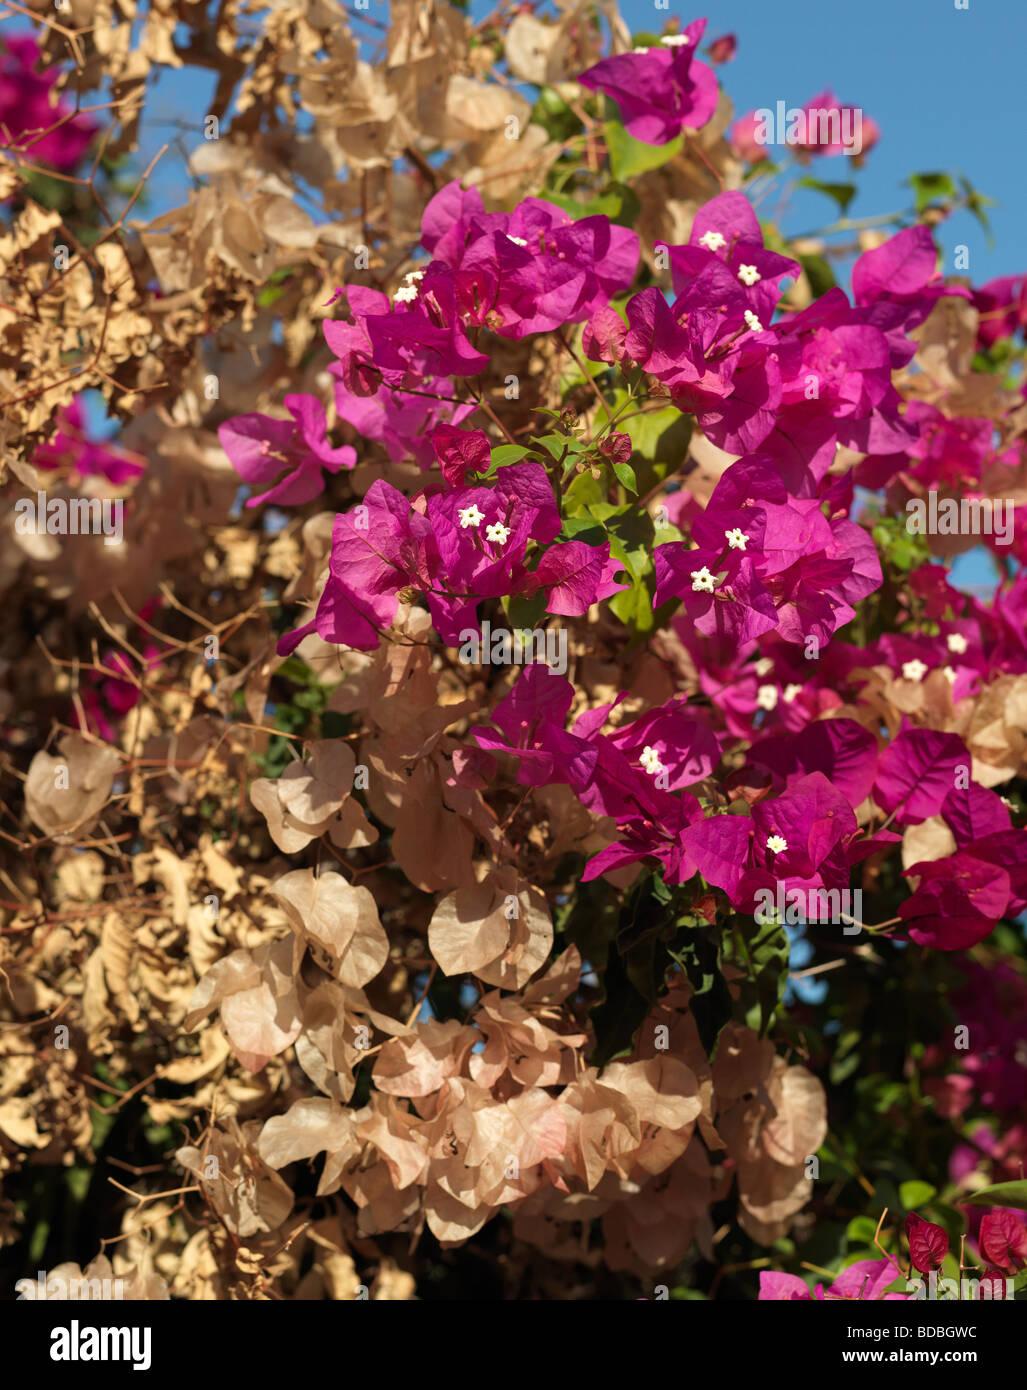 Blossom and faded Bougainville Bouganvilia pictured in Conil de la Frontera Andalusia Spain August 14 2009. - Stock Image